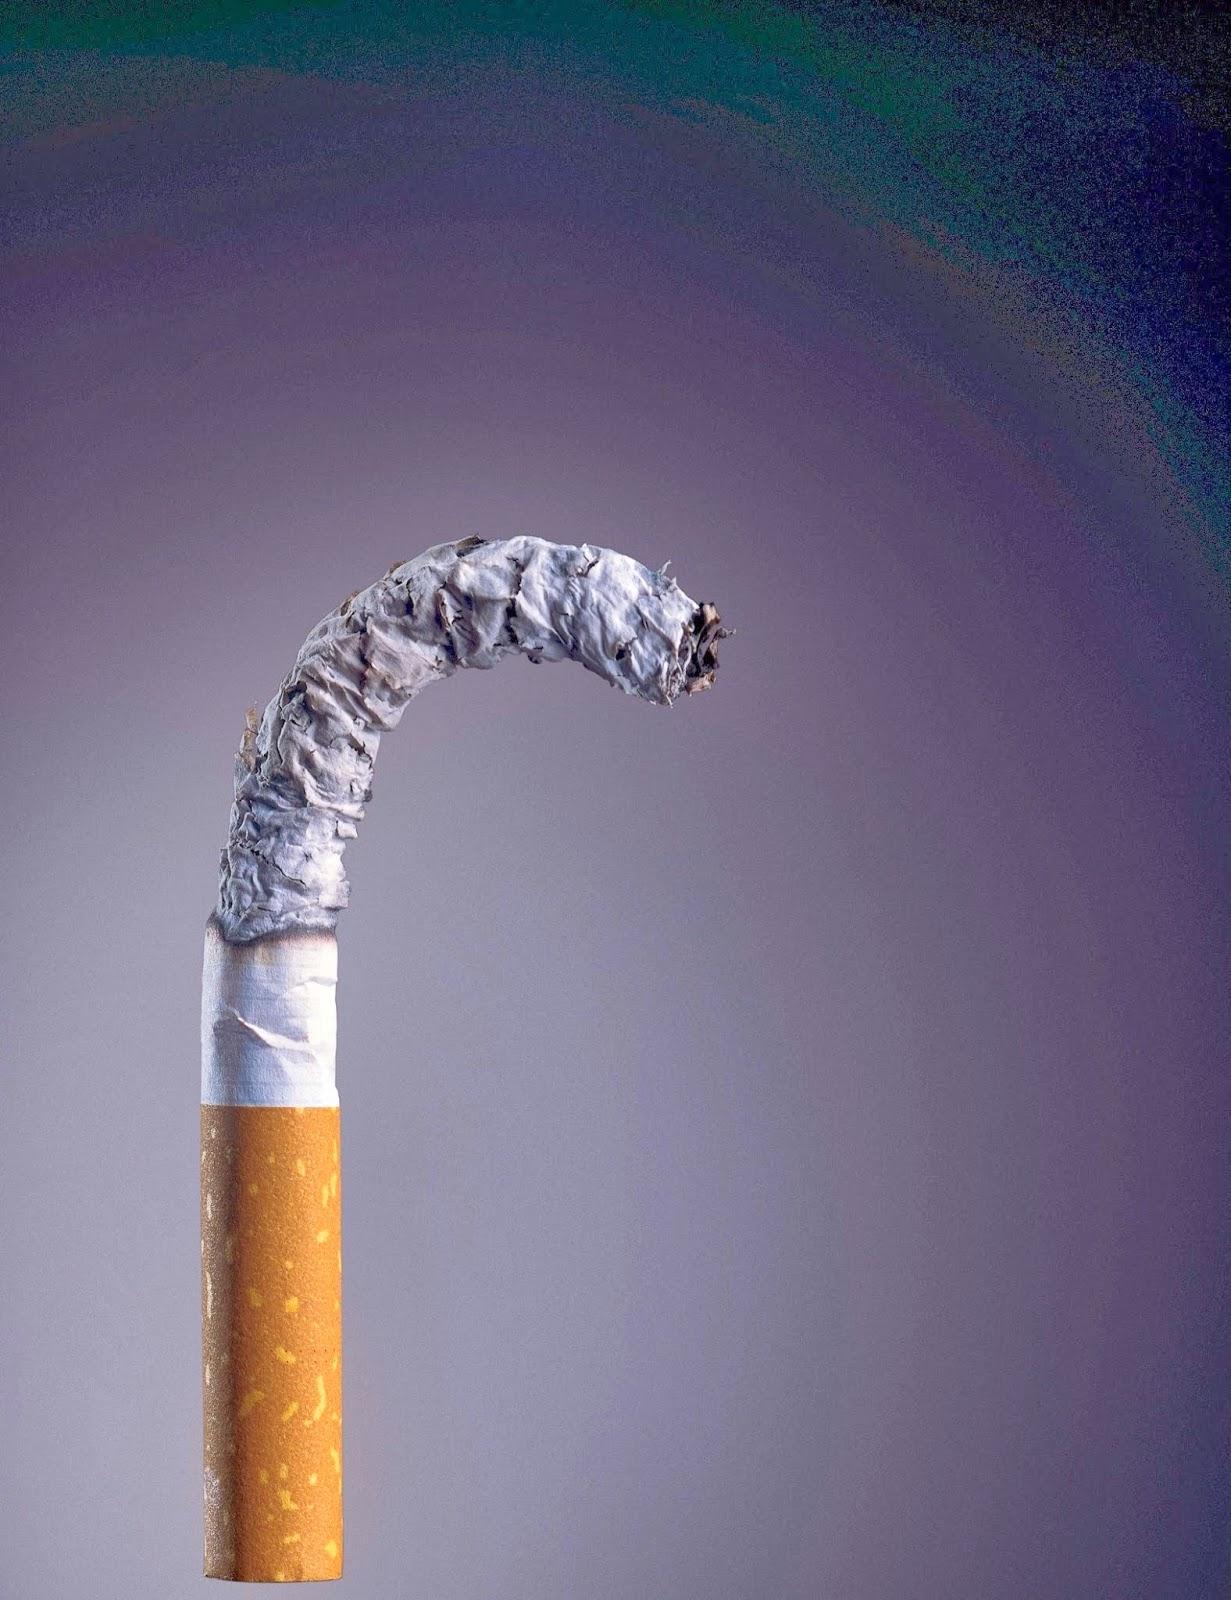 O Ministério da Saúde adverte: FUMAR CAUSA IMPOTÊNCIA SEXUAL.